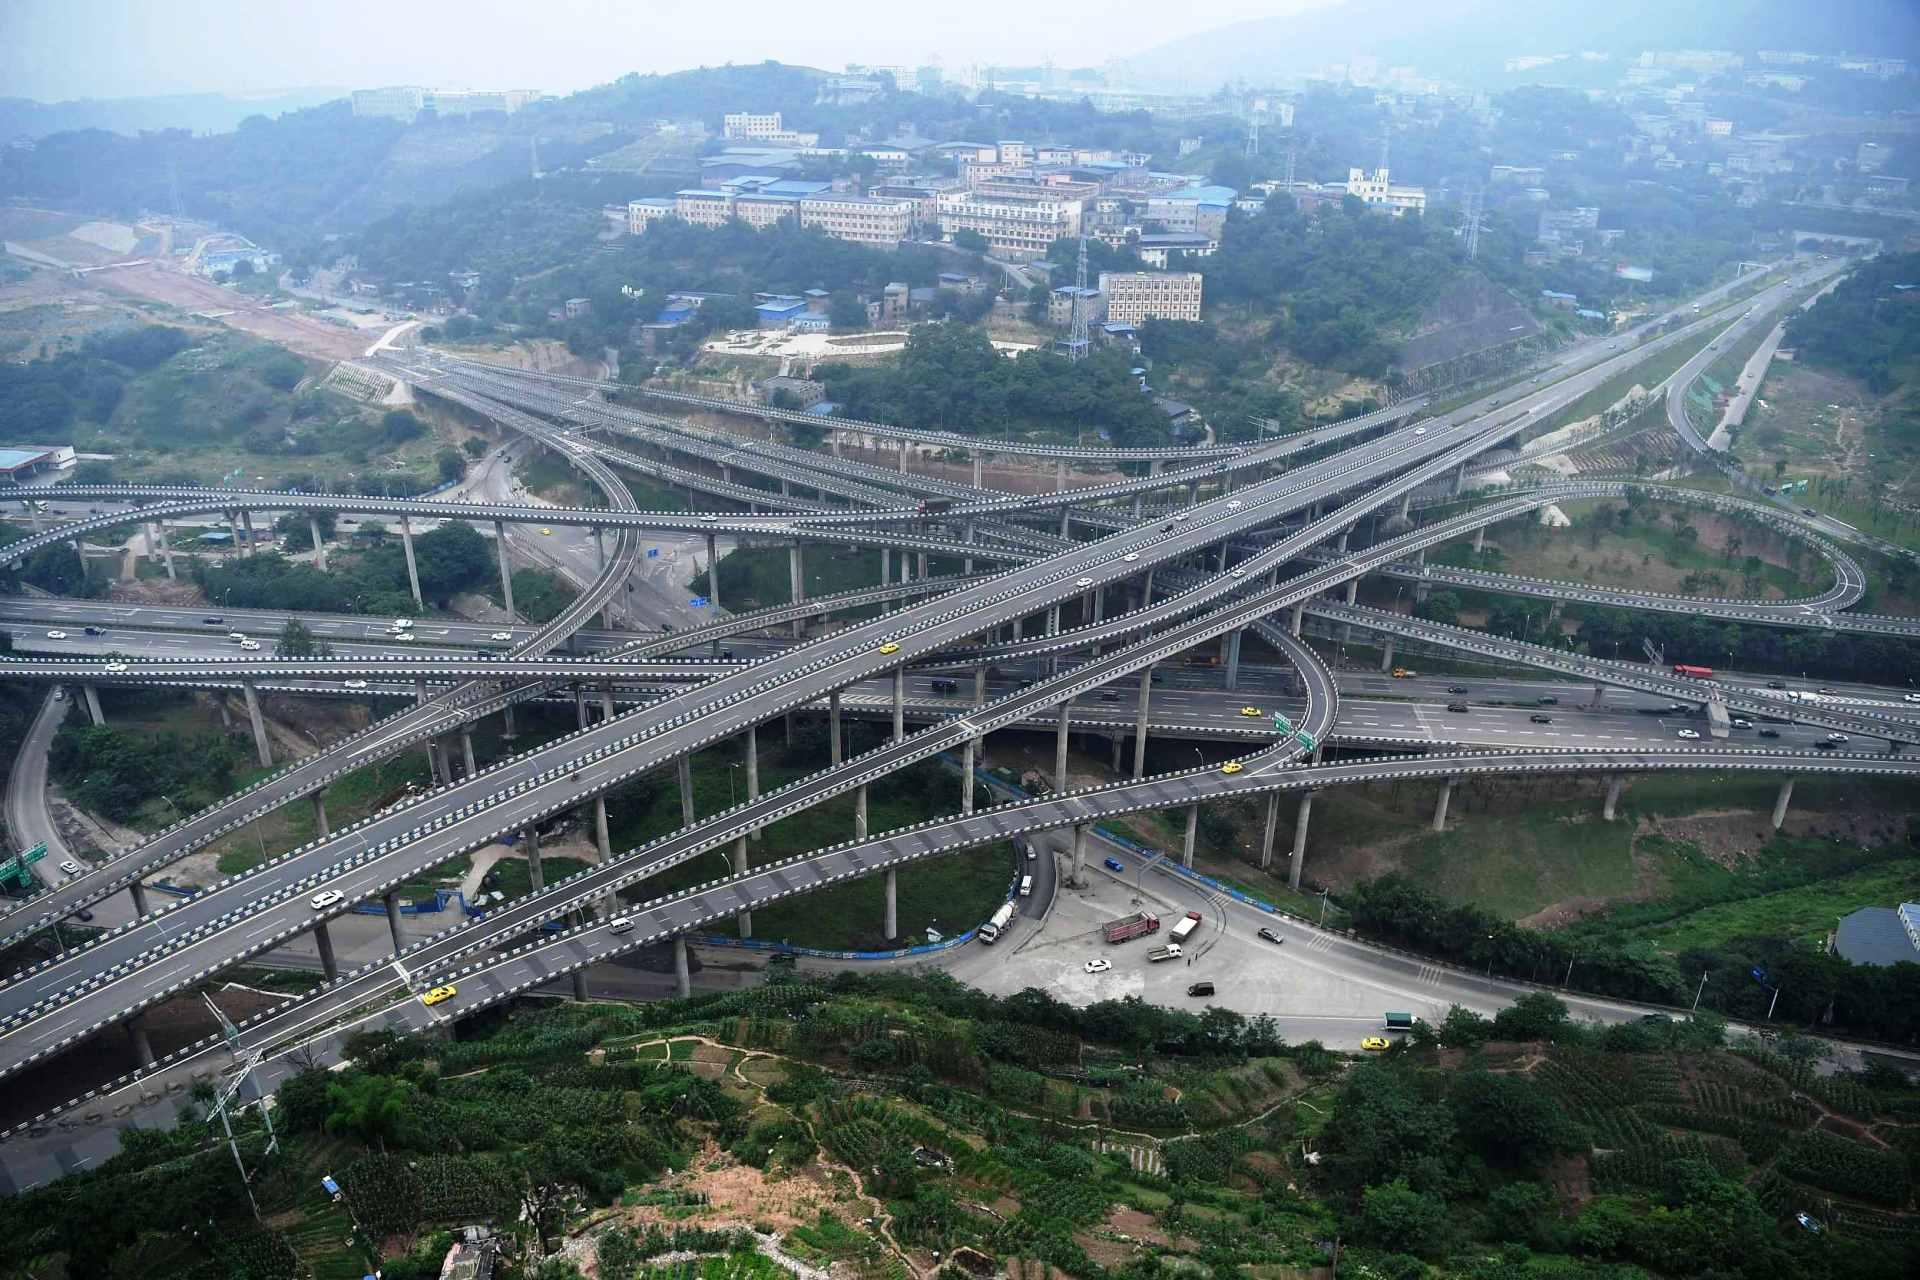 представить могла многоуровневые развязки в китае фото тяжелый